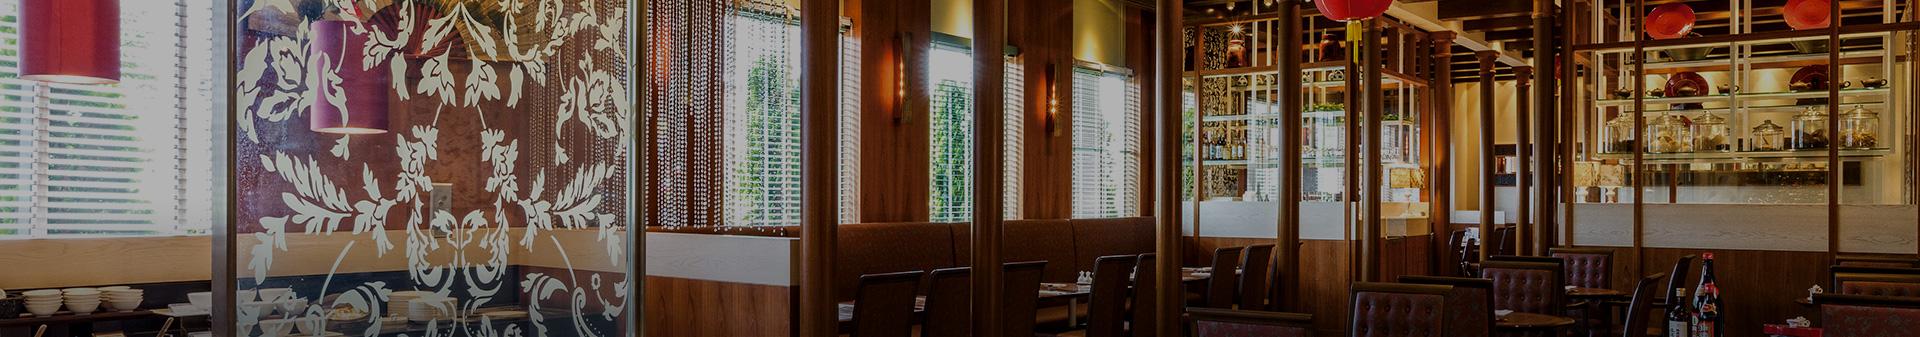 チャイニーズ・テーブル Chinese Table